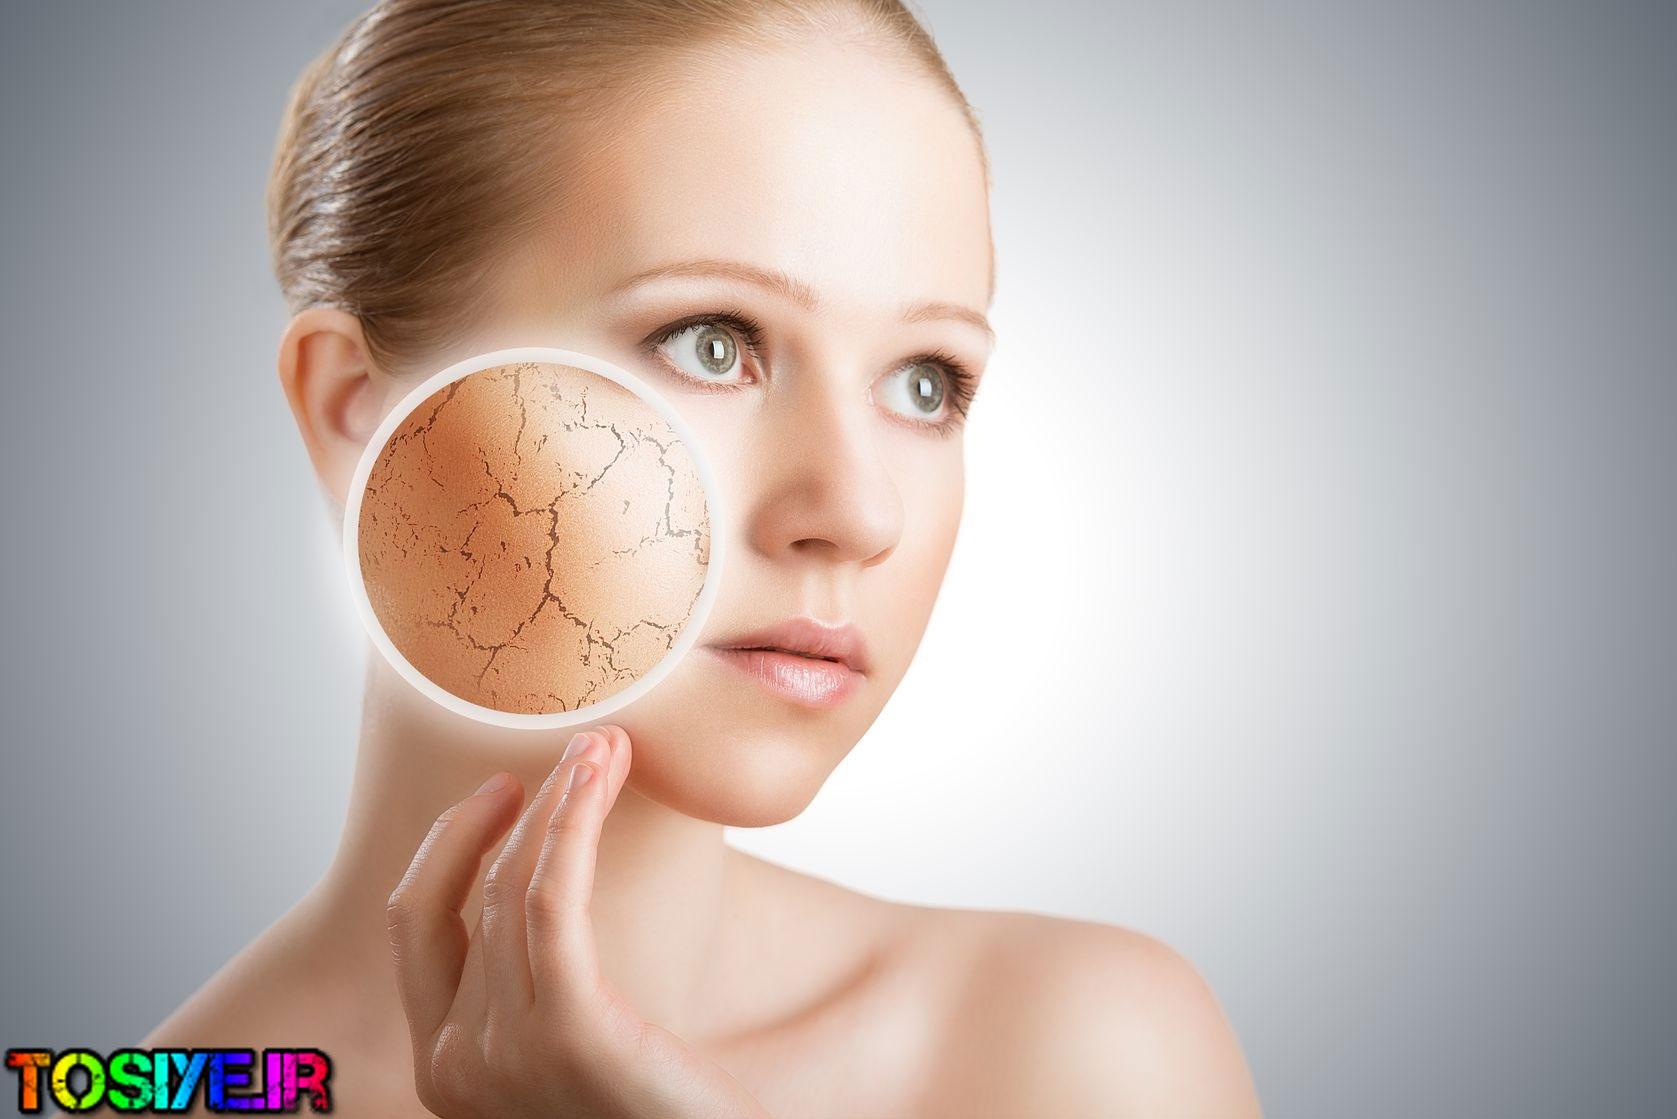 ۹ توصیه برای درمان پوست های خشک